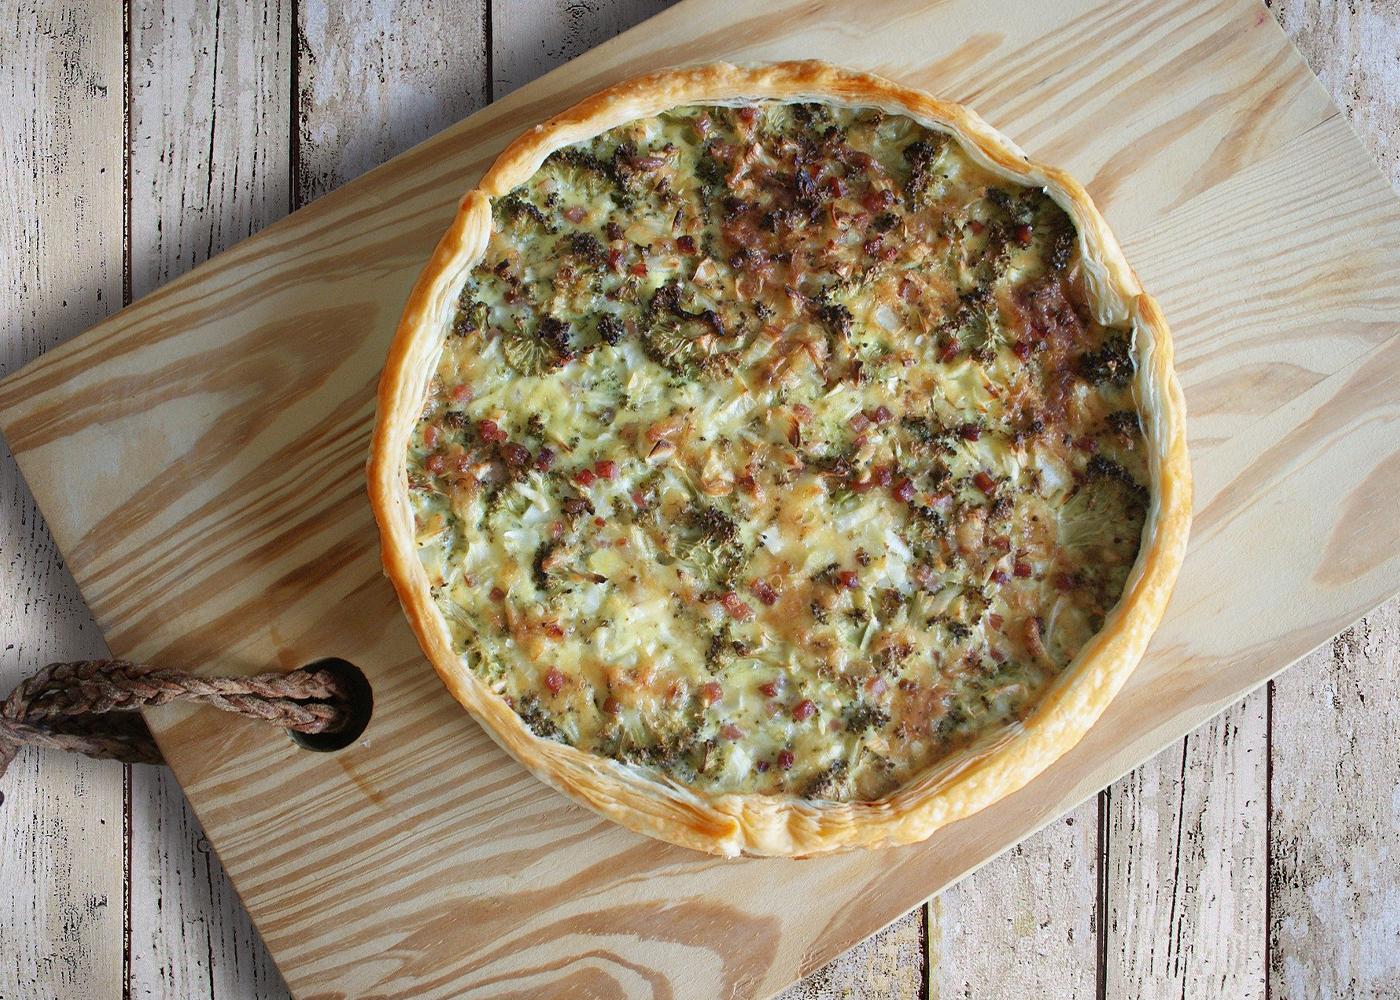 Torta salata broccoli e salsiccia con Bimby